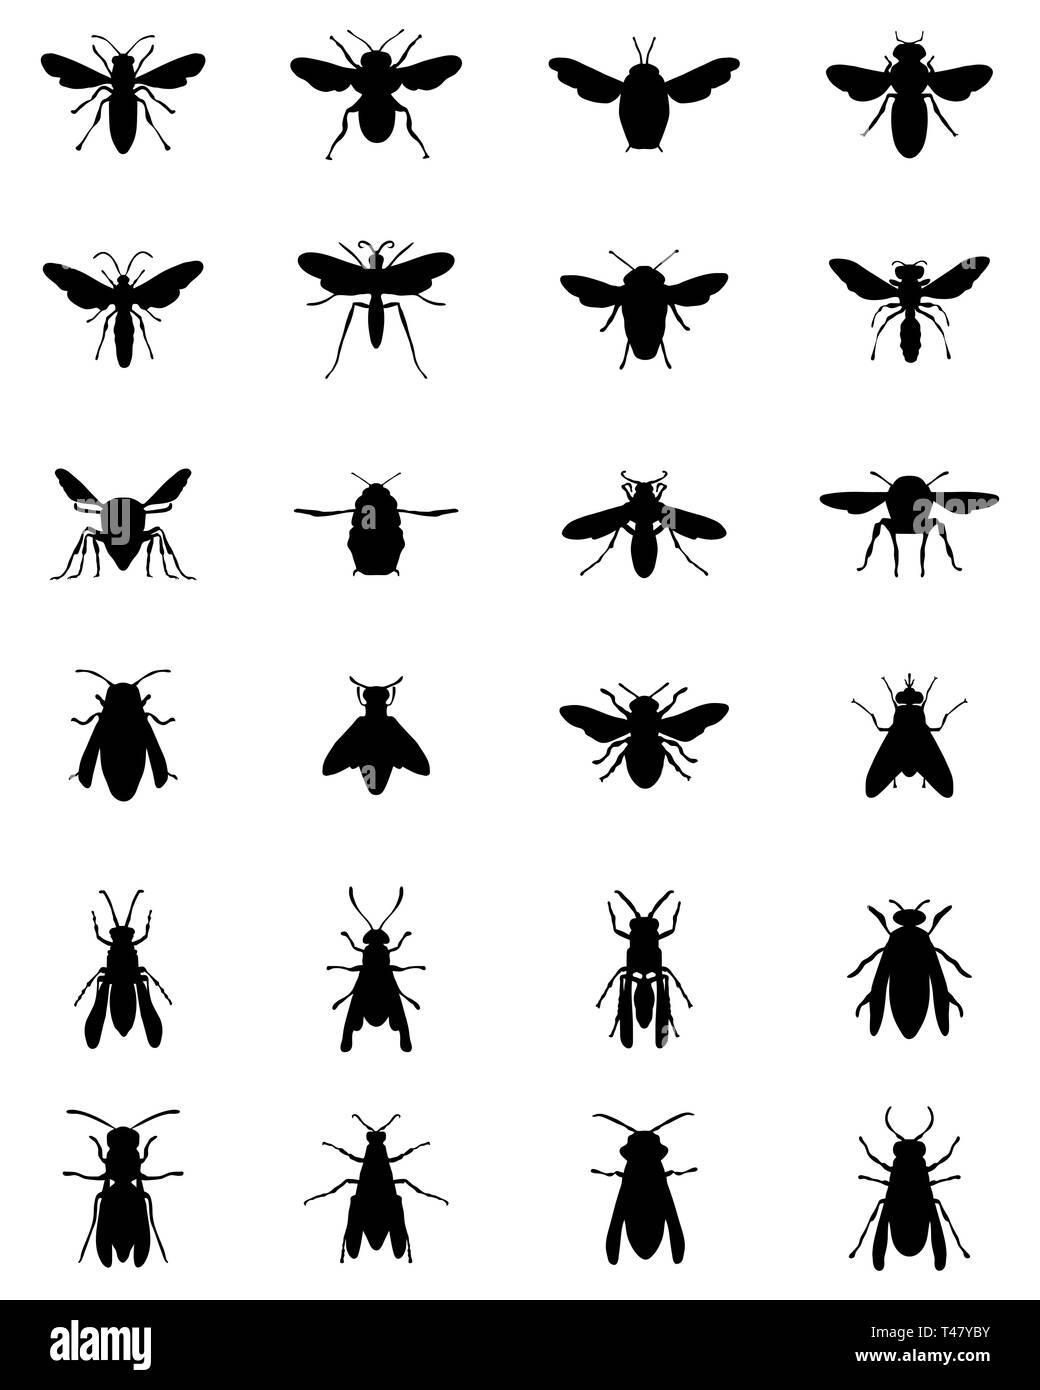 Siluetas negras de abejas y avispas sobre un fondo blanco. Imagen De Stock